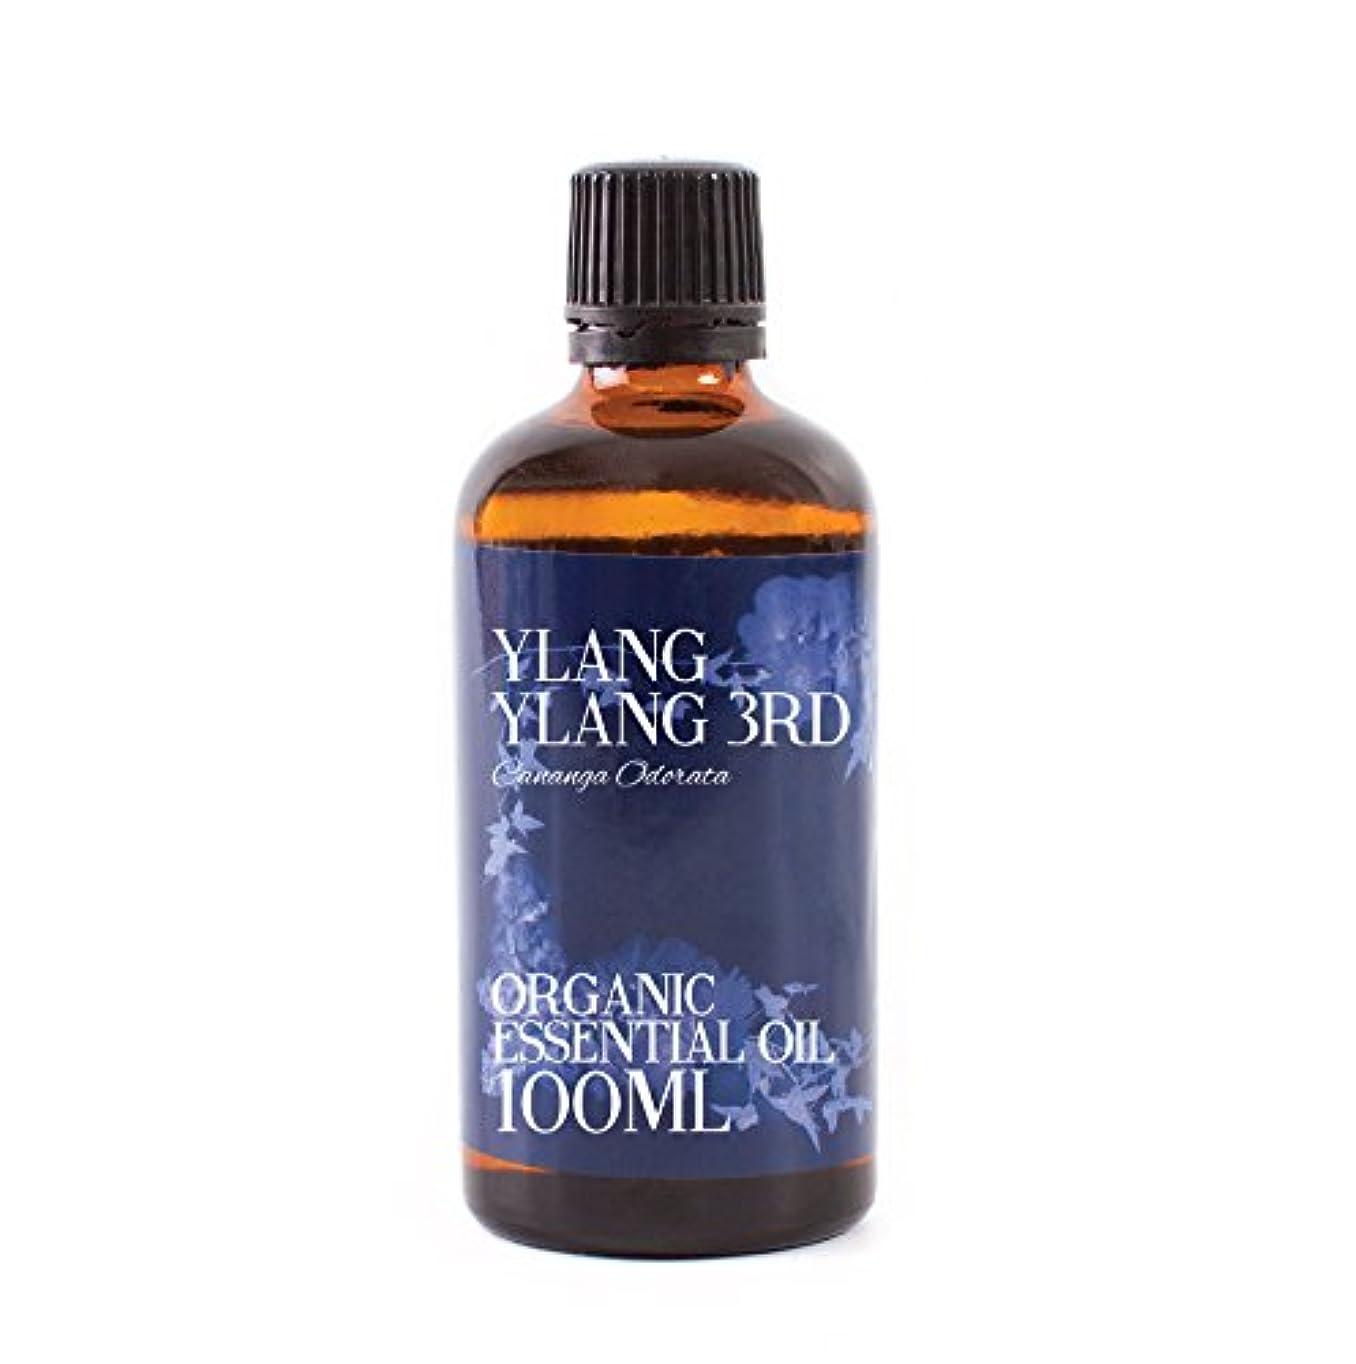 アナリスト動詞病弱Mystic Moments   Ylang Ylang 3rd Organic Essential Oil - 100ml - 100% Pure